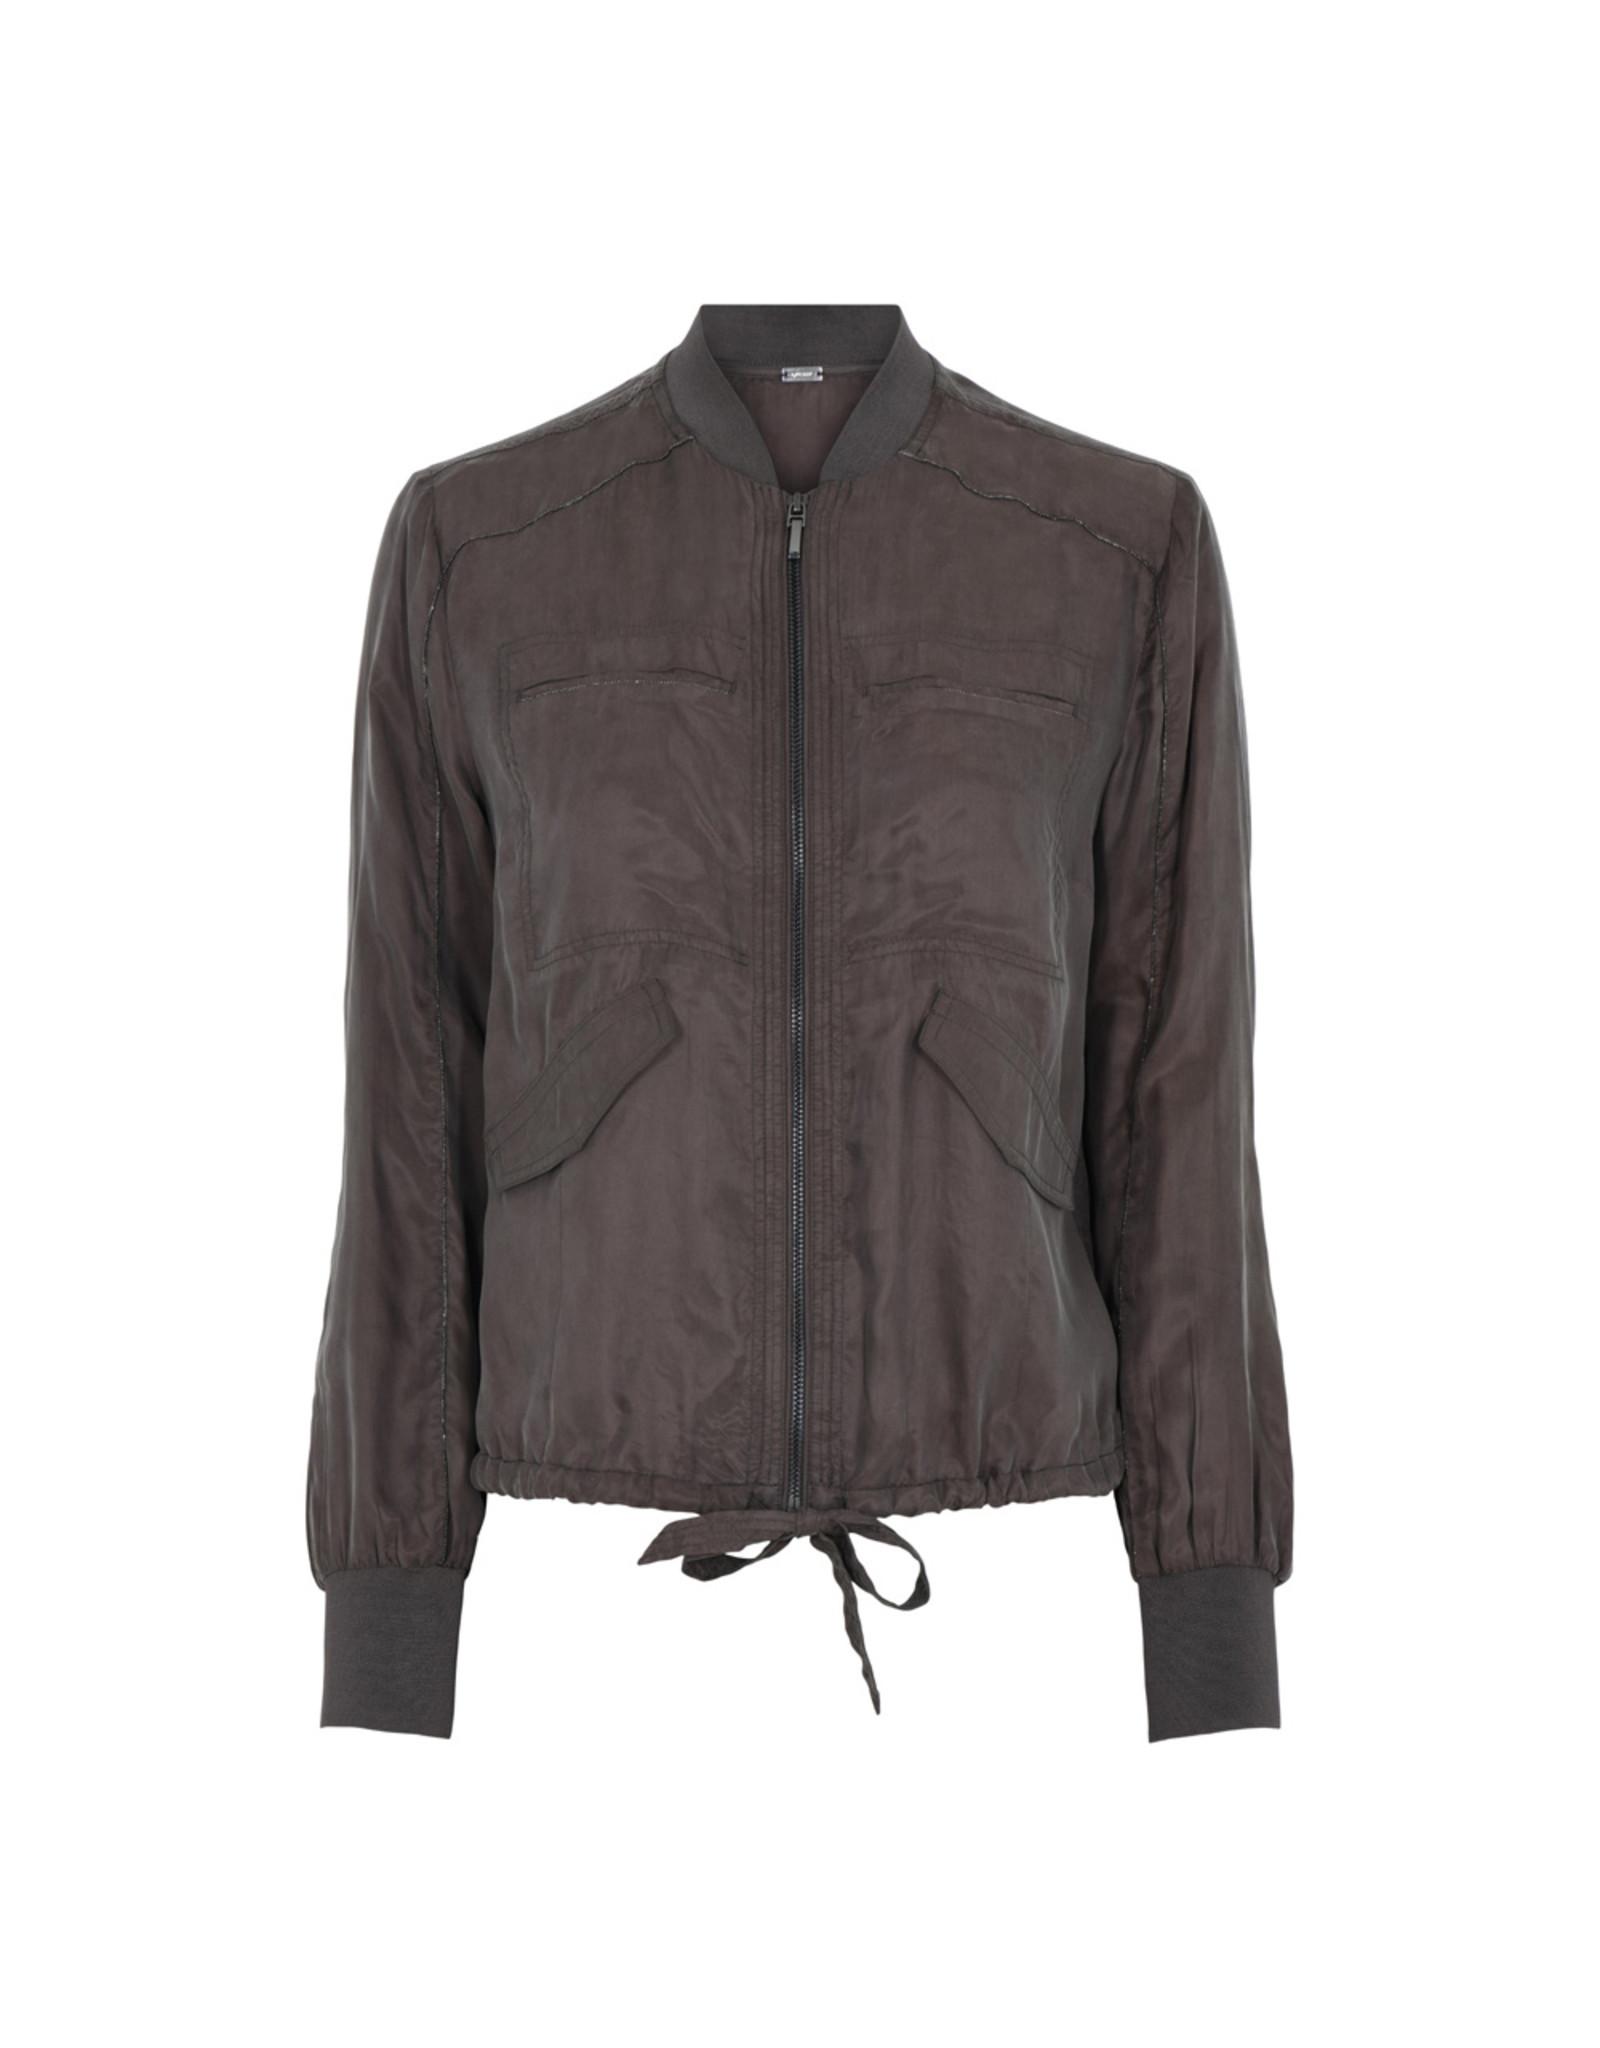 Gustav Gustav - Jung Bomber Style Shirt Jacket